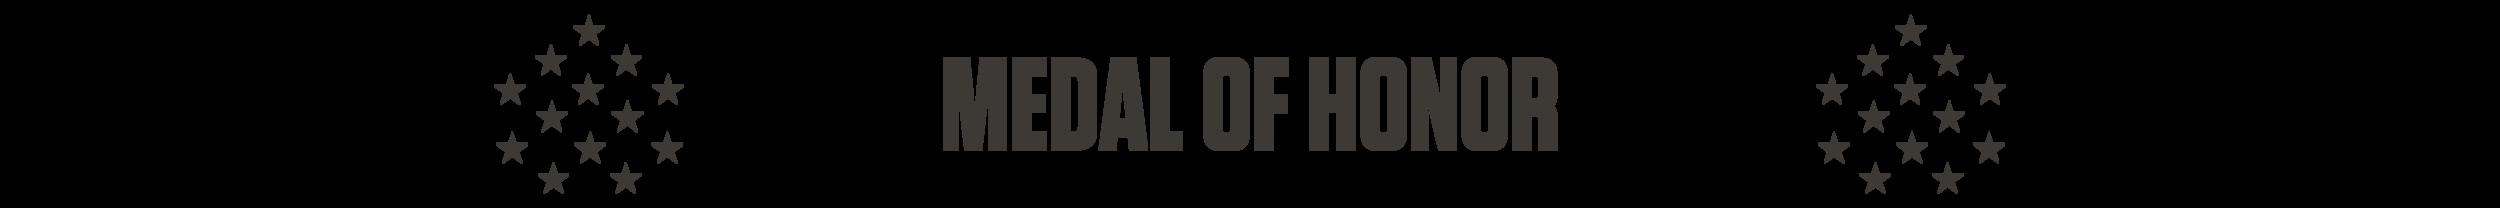 Sponsor Stars_Medal of Honor.png